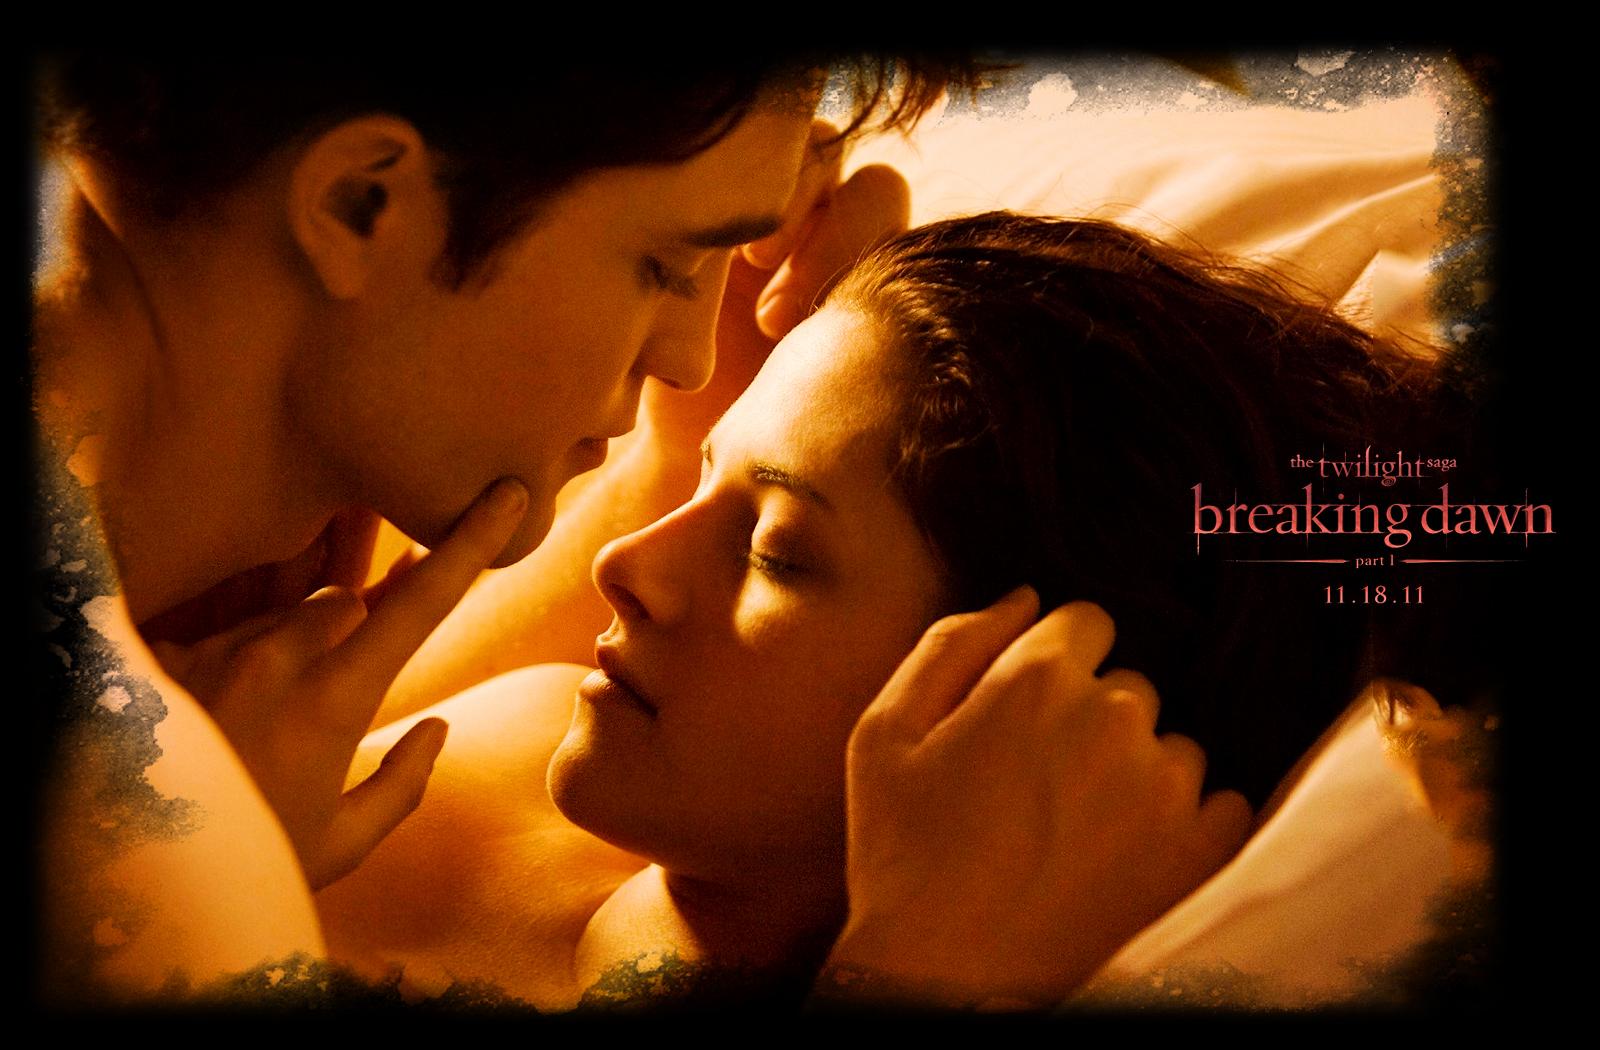 http://4.bp.blogspot.com/-3aiuXzMCEDc/UUzhXe0SpGI/AAAAAAAABDU/HFuIO6ITzFU/s1600/Twilight+Breaking+Dawn+4.jpg